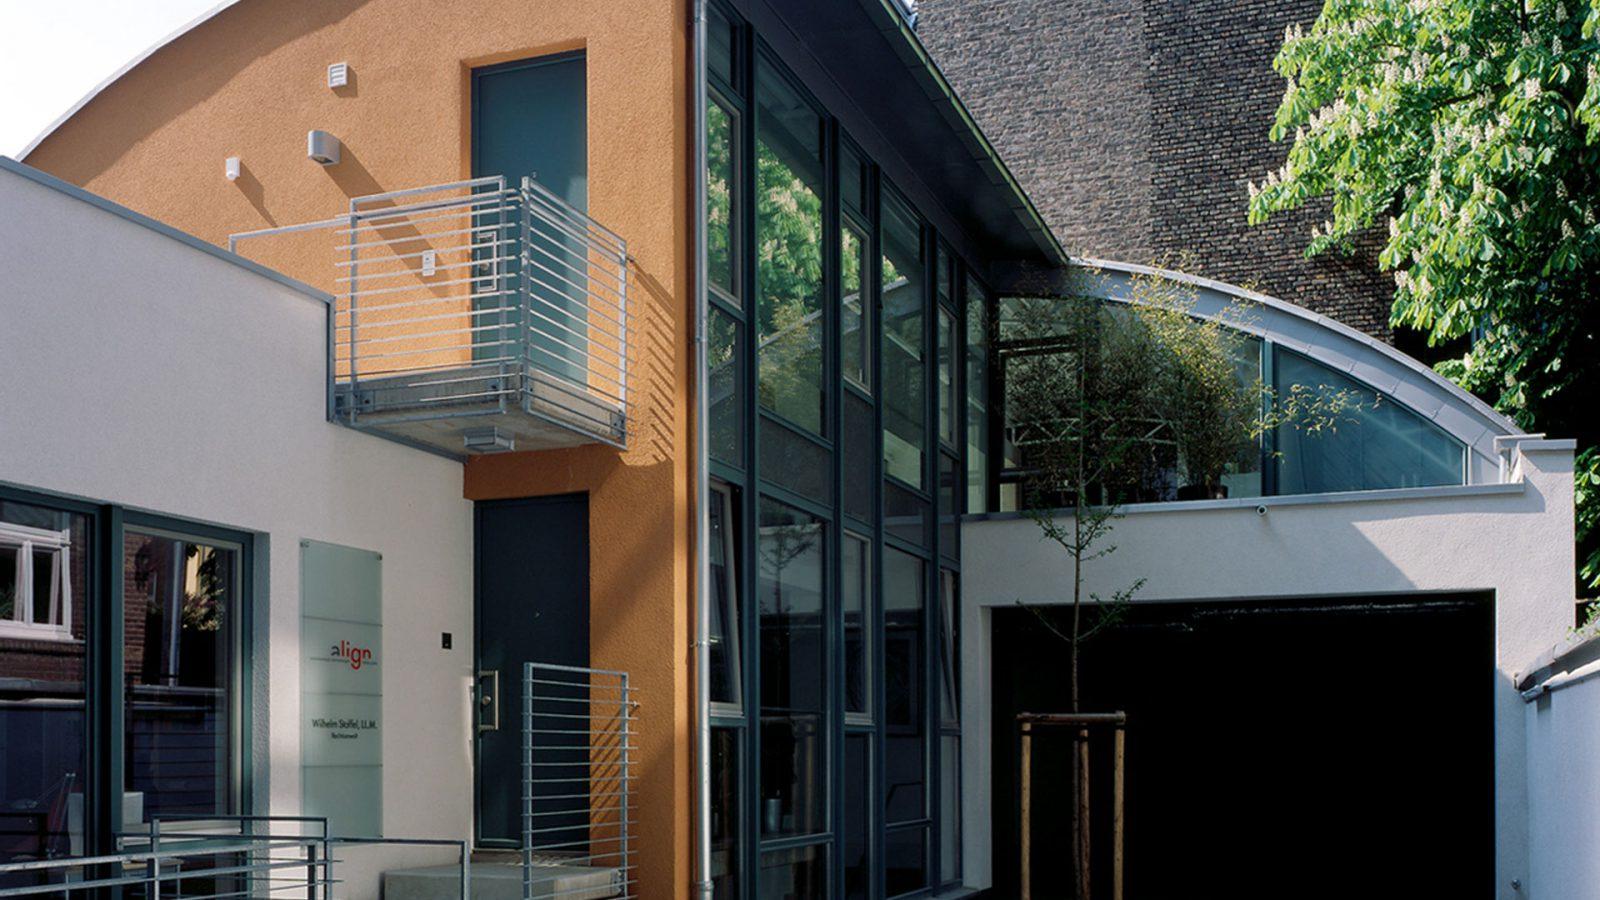 Architektur und Energieberatung - Neubau-Projekt Architekt Radolfzell | Thomas Köster | Baukultur Radolfzell